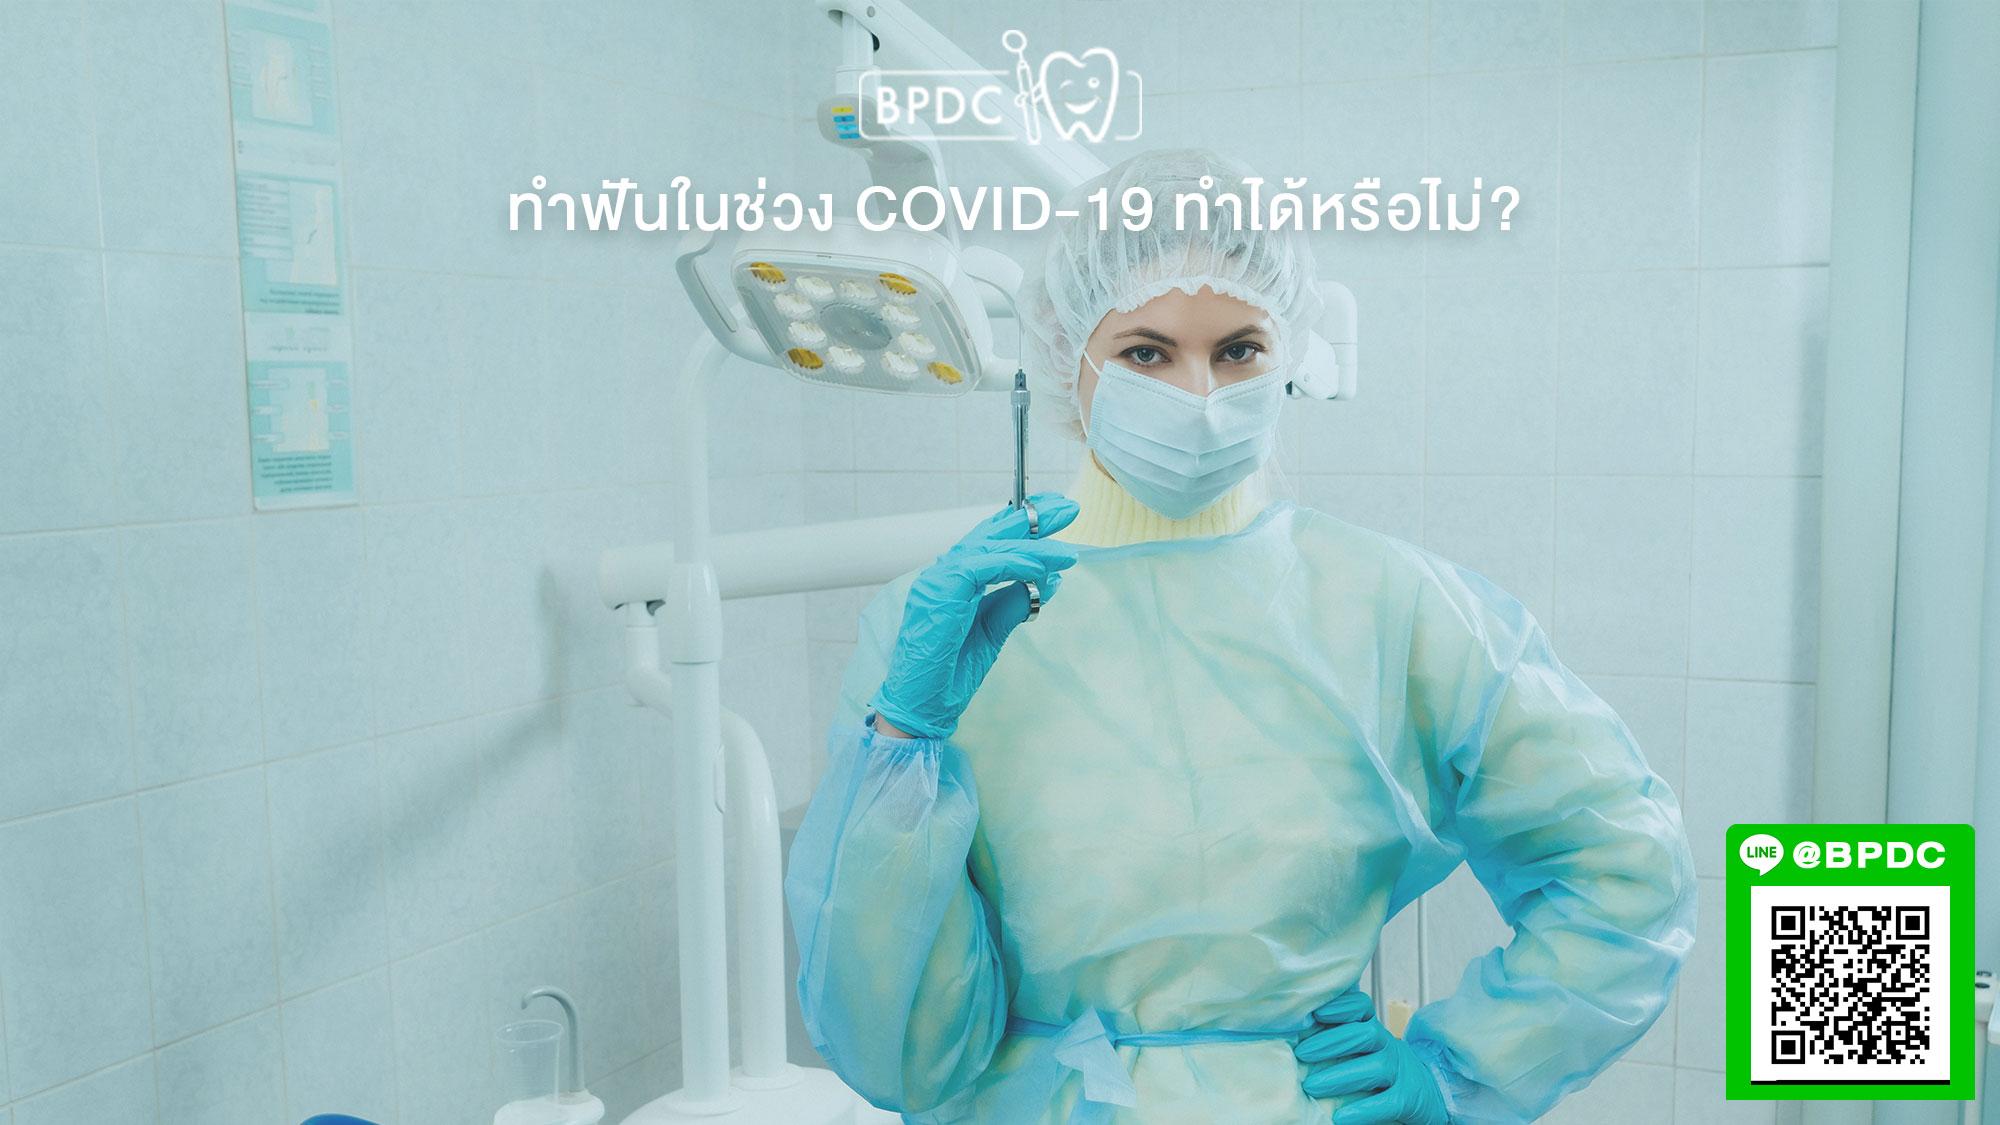 ทำฟันในช่วง Covid-19 ทำได้หรือไม่